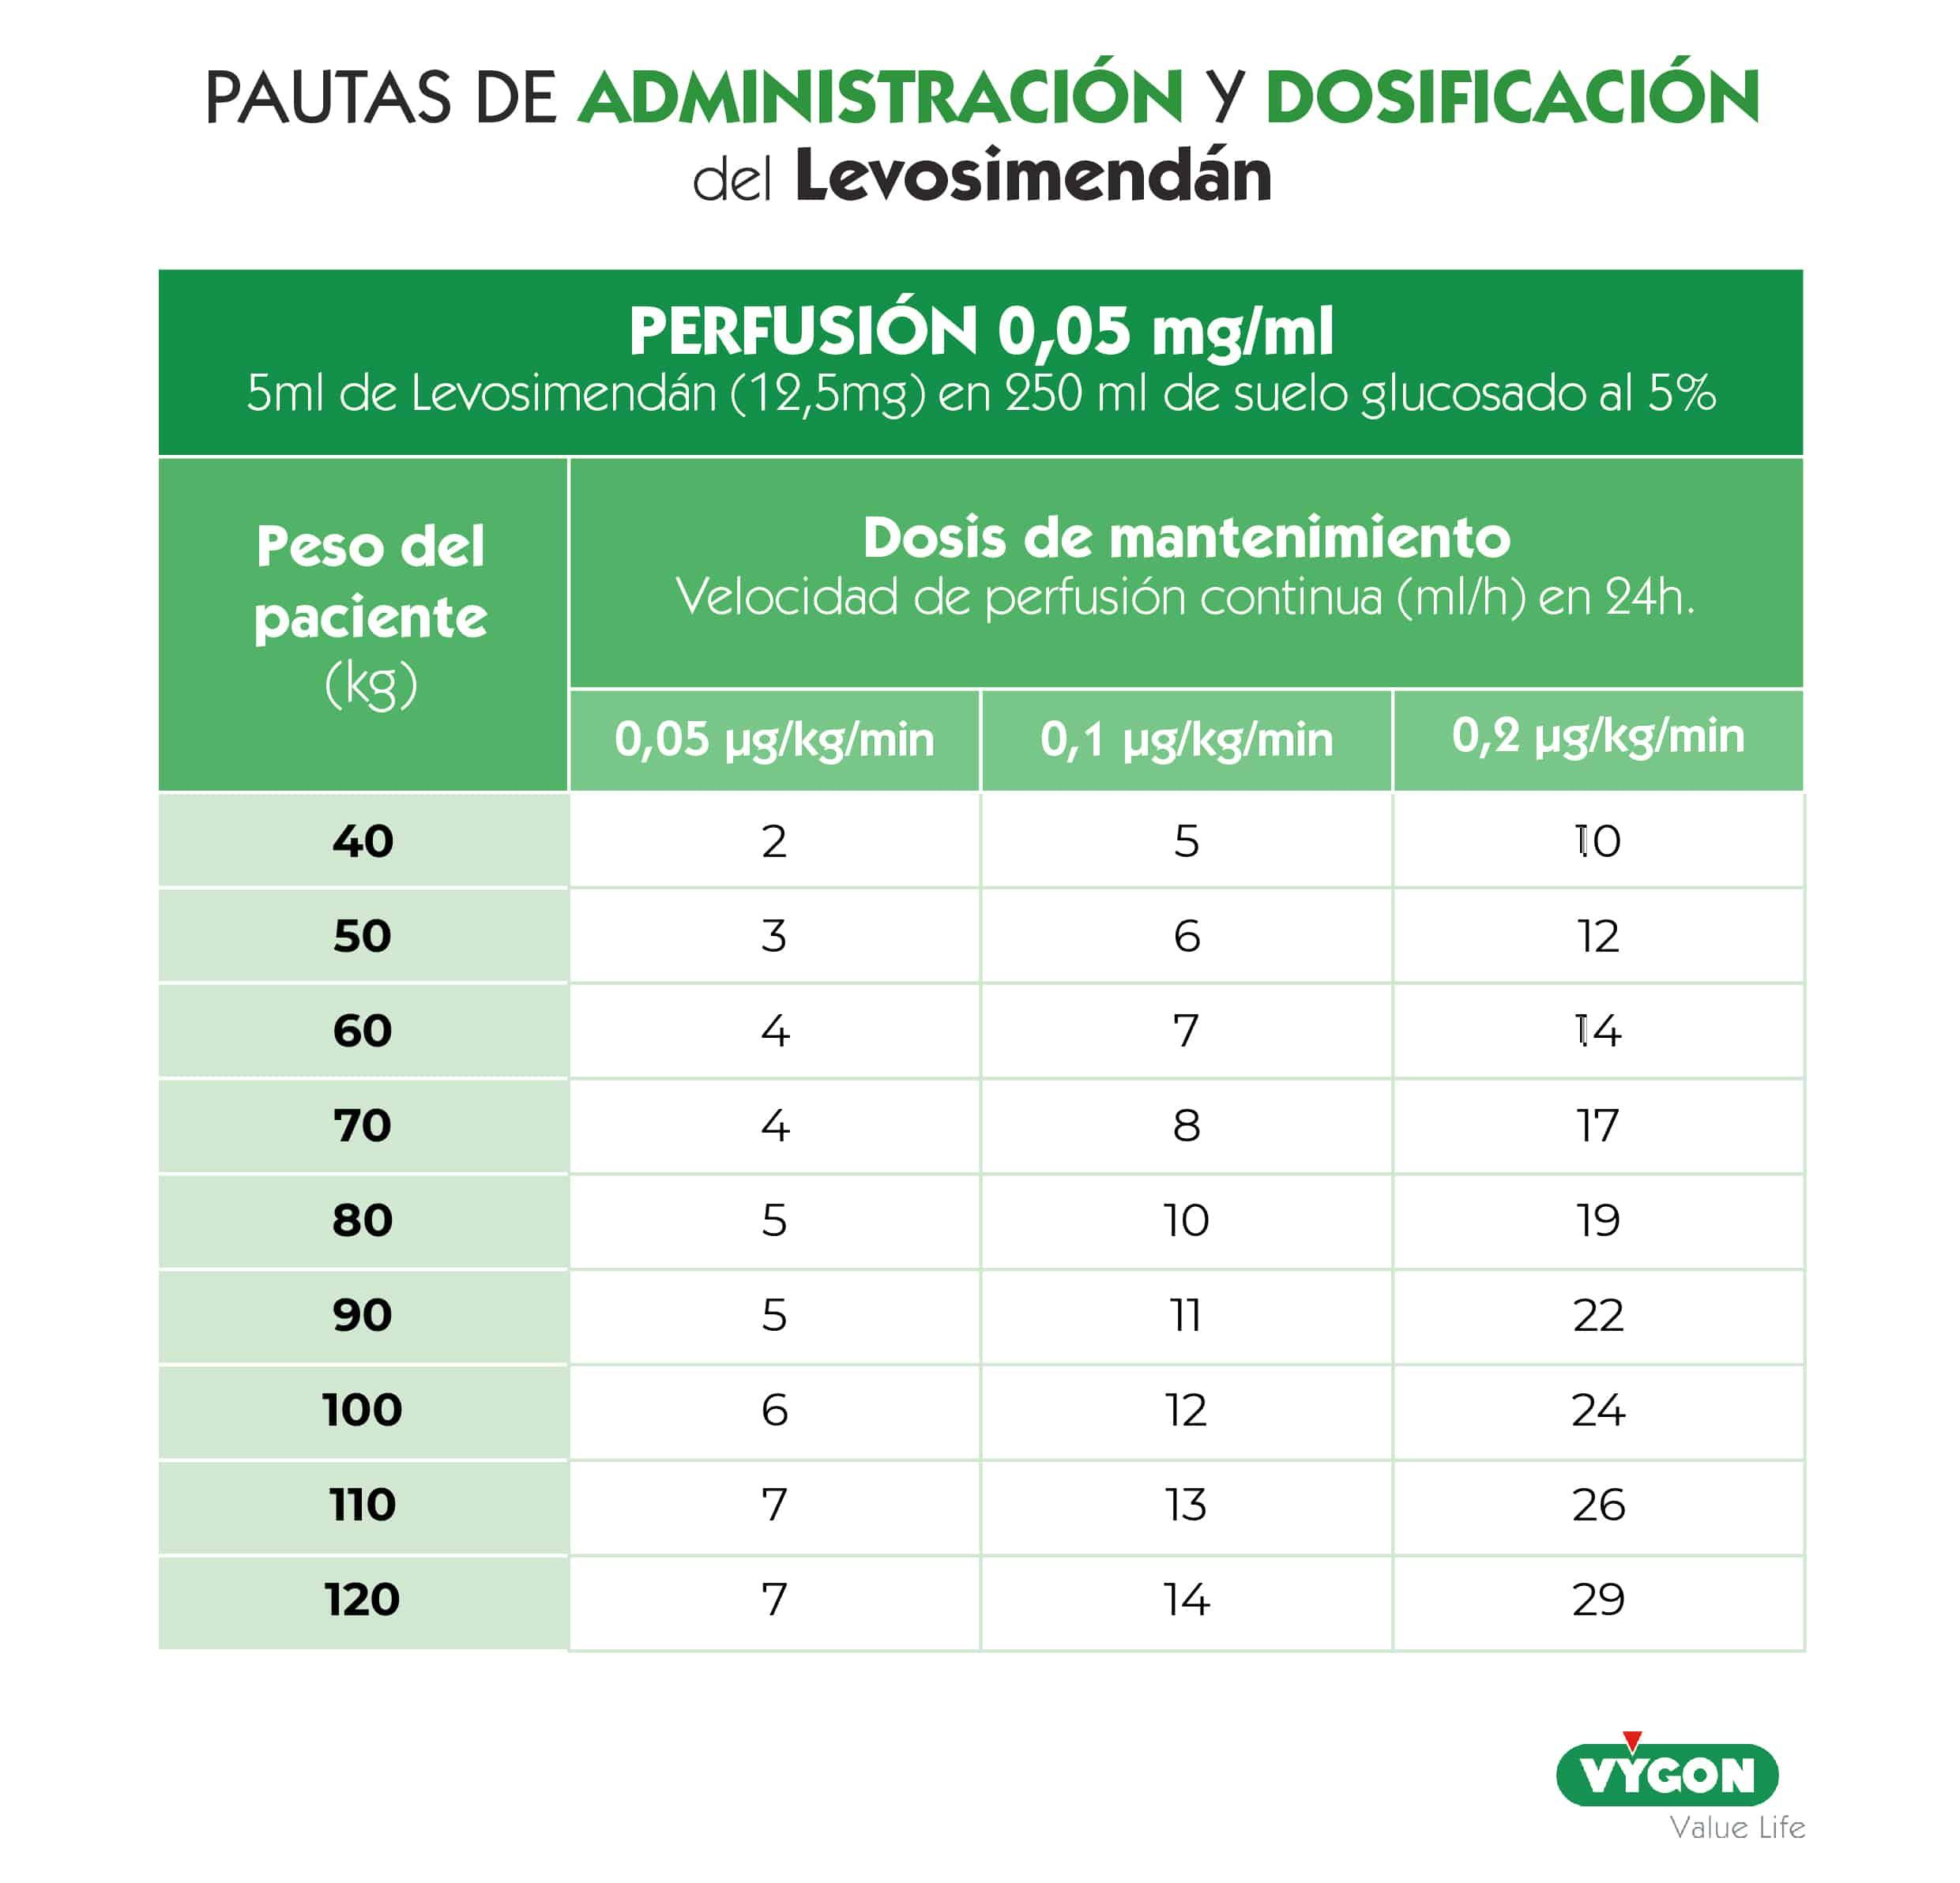 Figura 6: Pautas de administración y dosificación del Levosimendán.